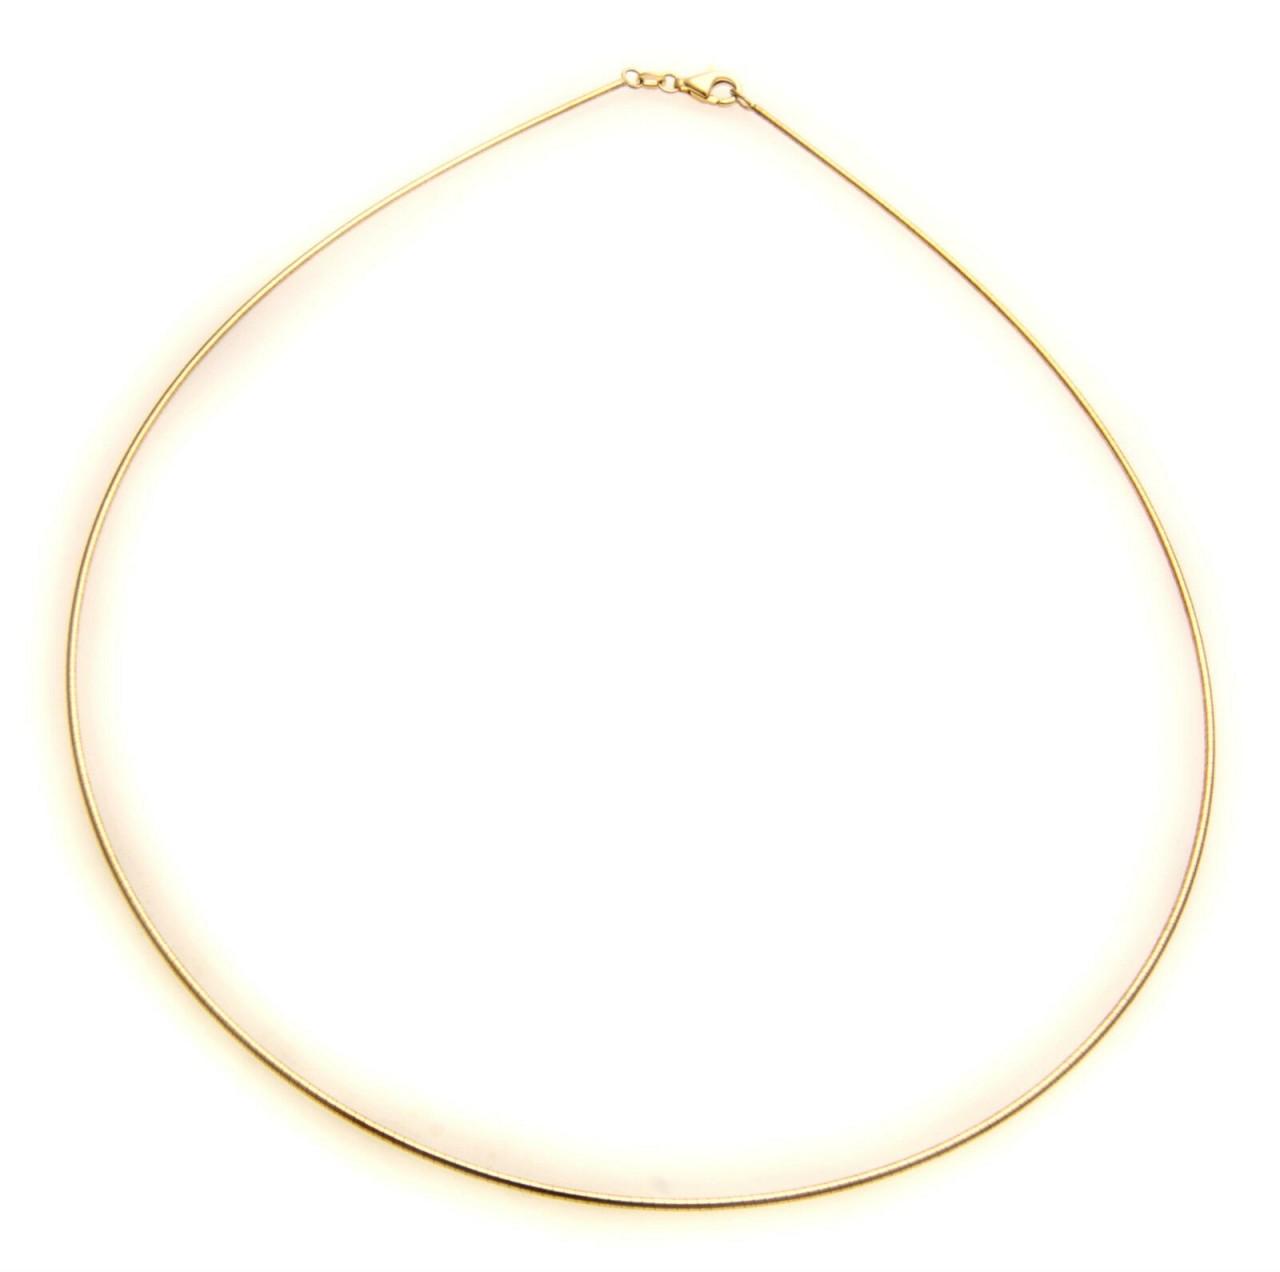 exklusives Collier echt Gelbgold 585 14k Halsreif Damen Qualität Gold Halskette